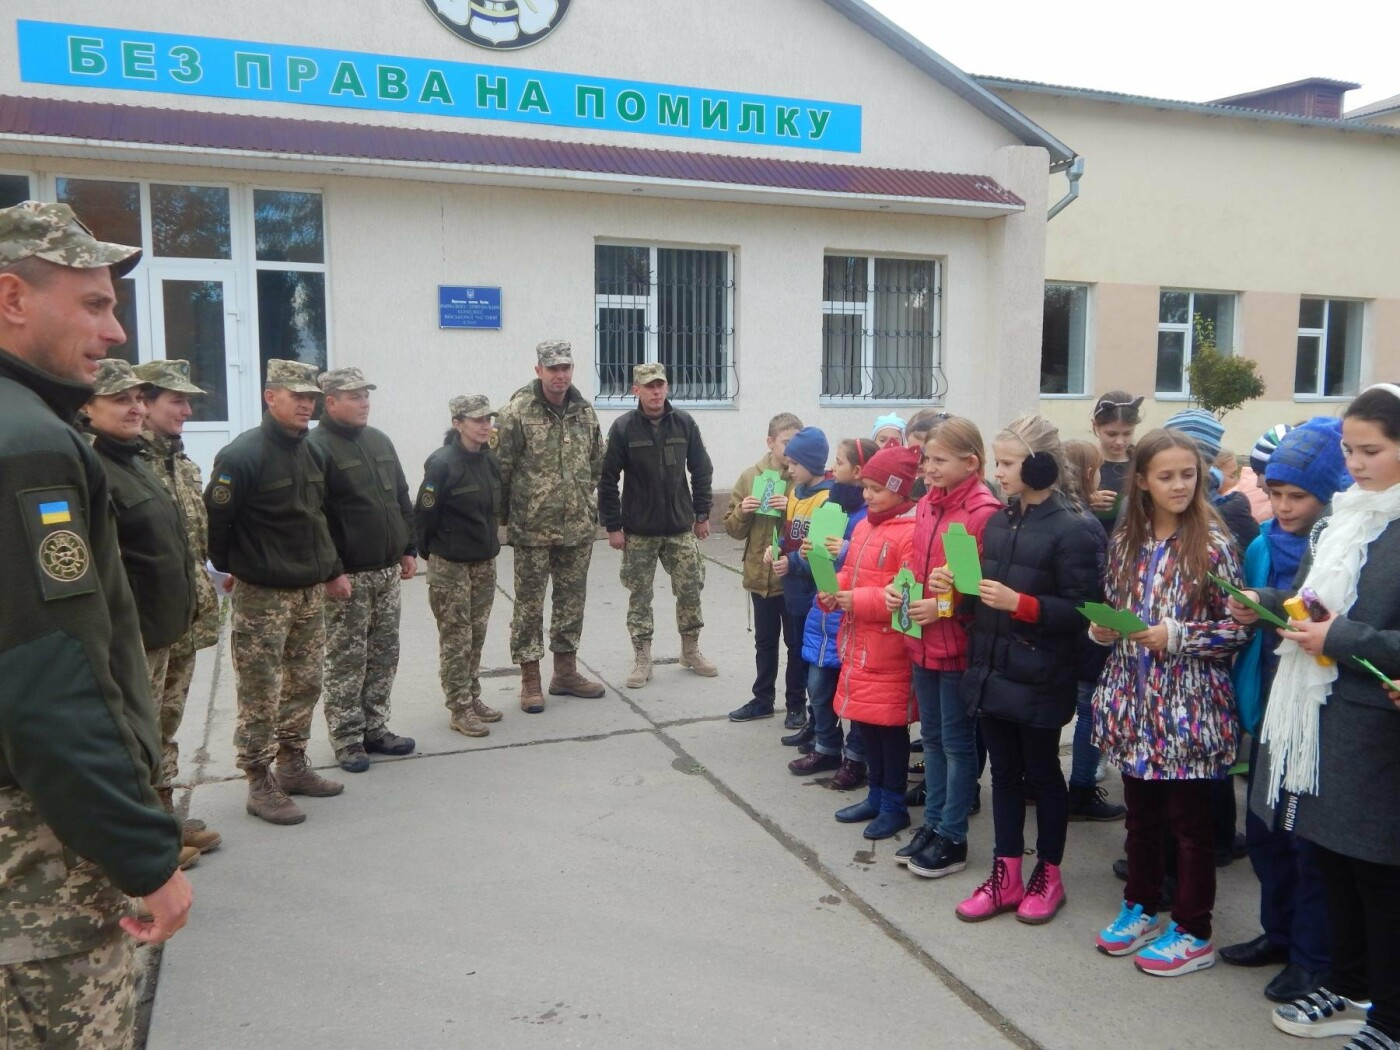 Військові Центру розмінування присвятили тиждень дитячому патріотичному вихованню, фото-10